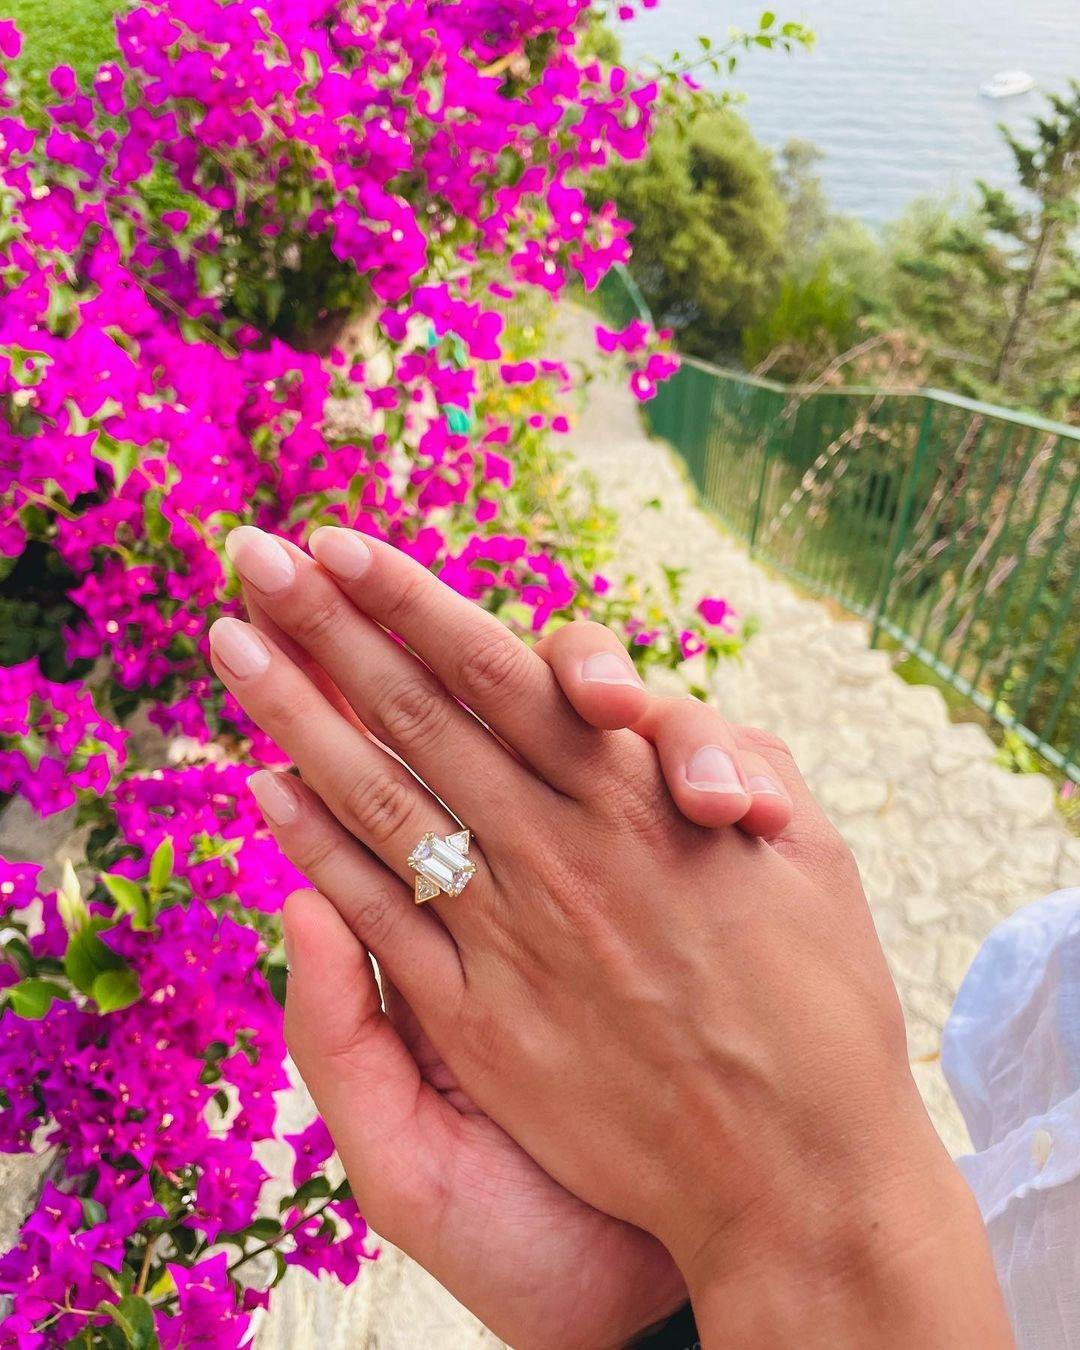 Ангел Victoria's Secret Тейлор Хилл выходит замуж (ФОТО) - фото №4